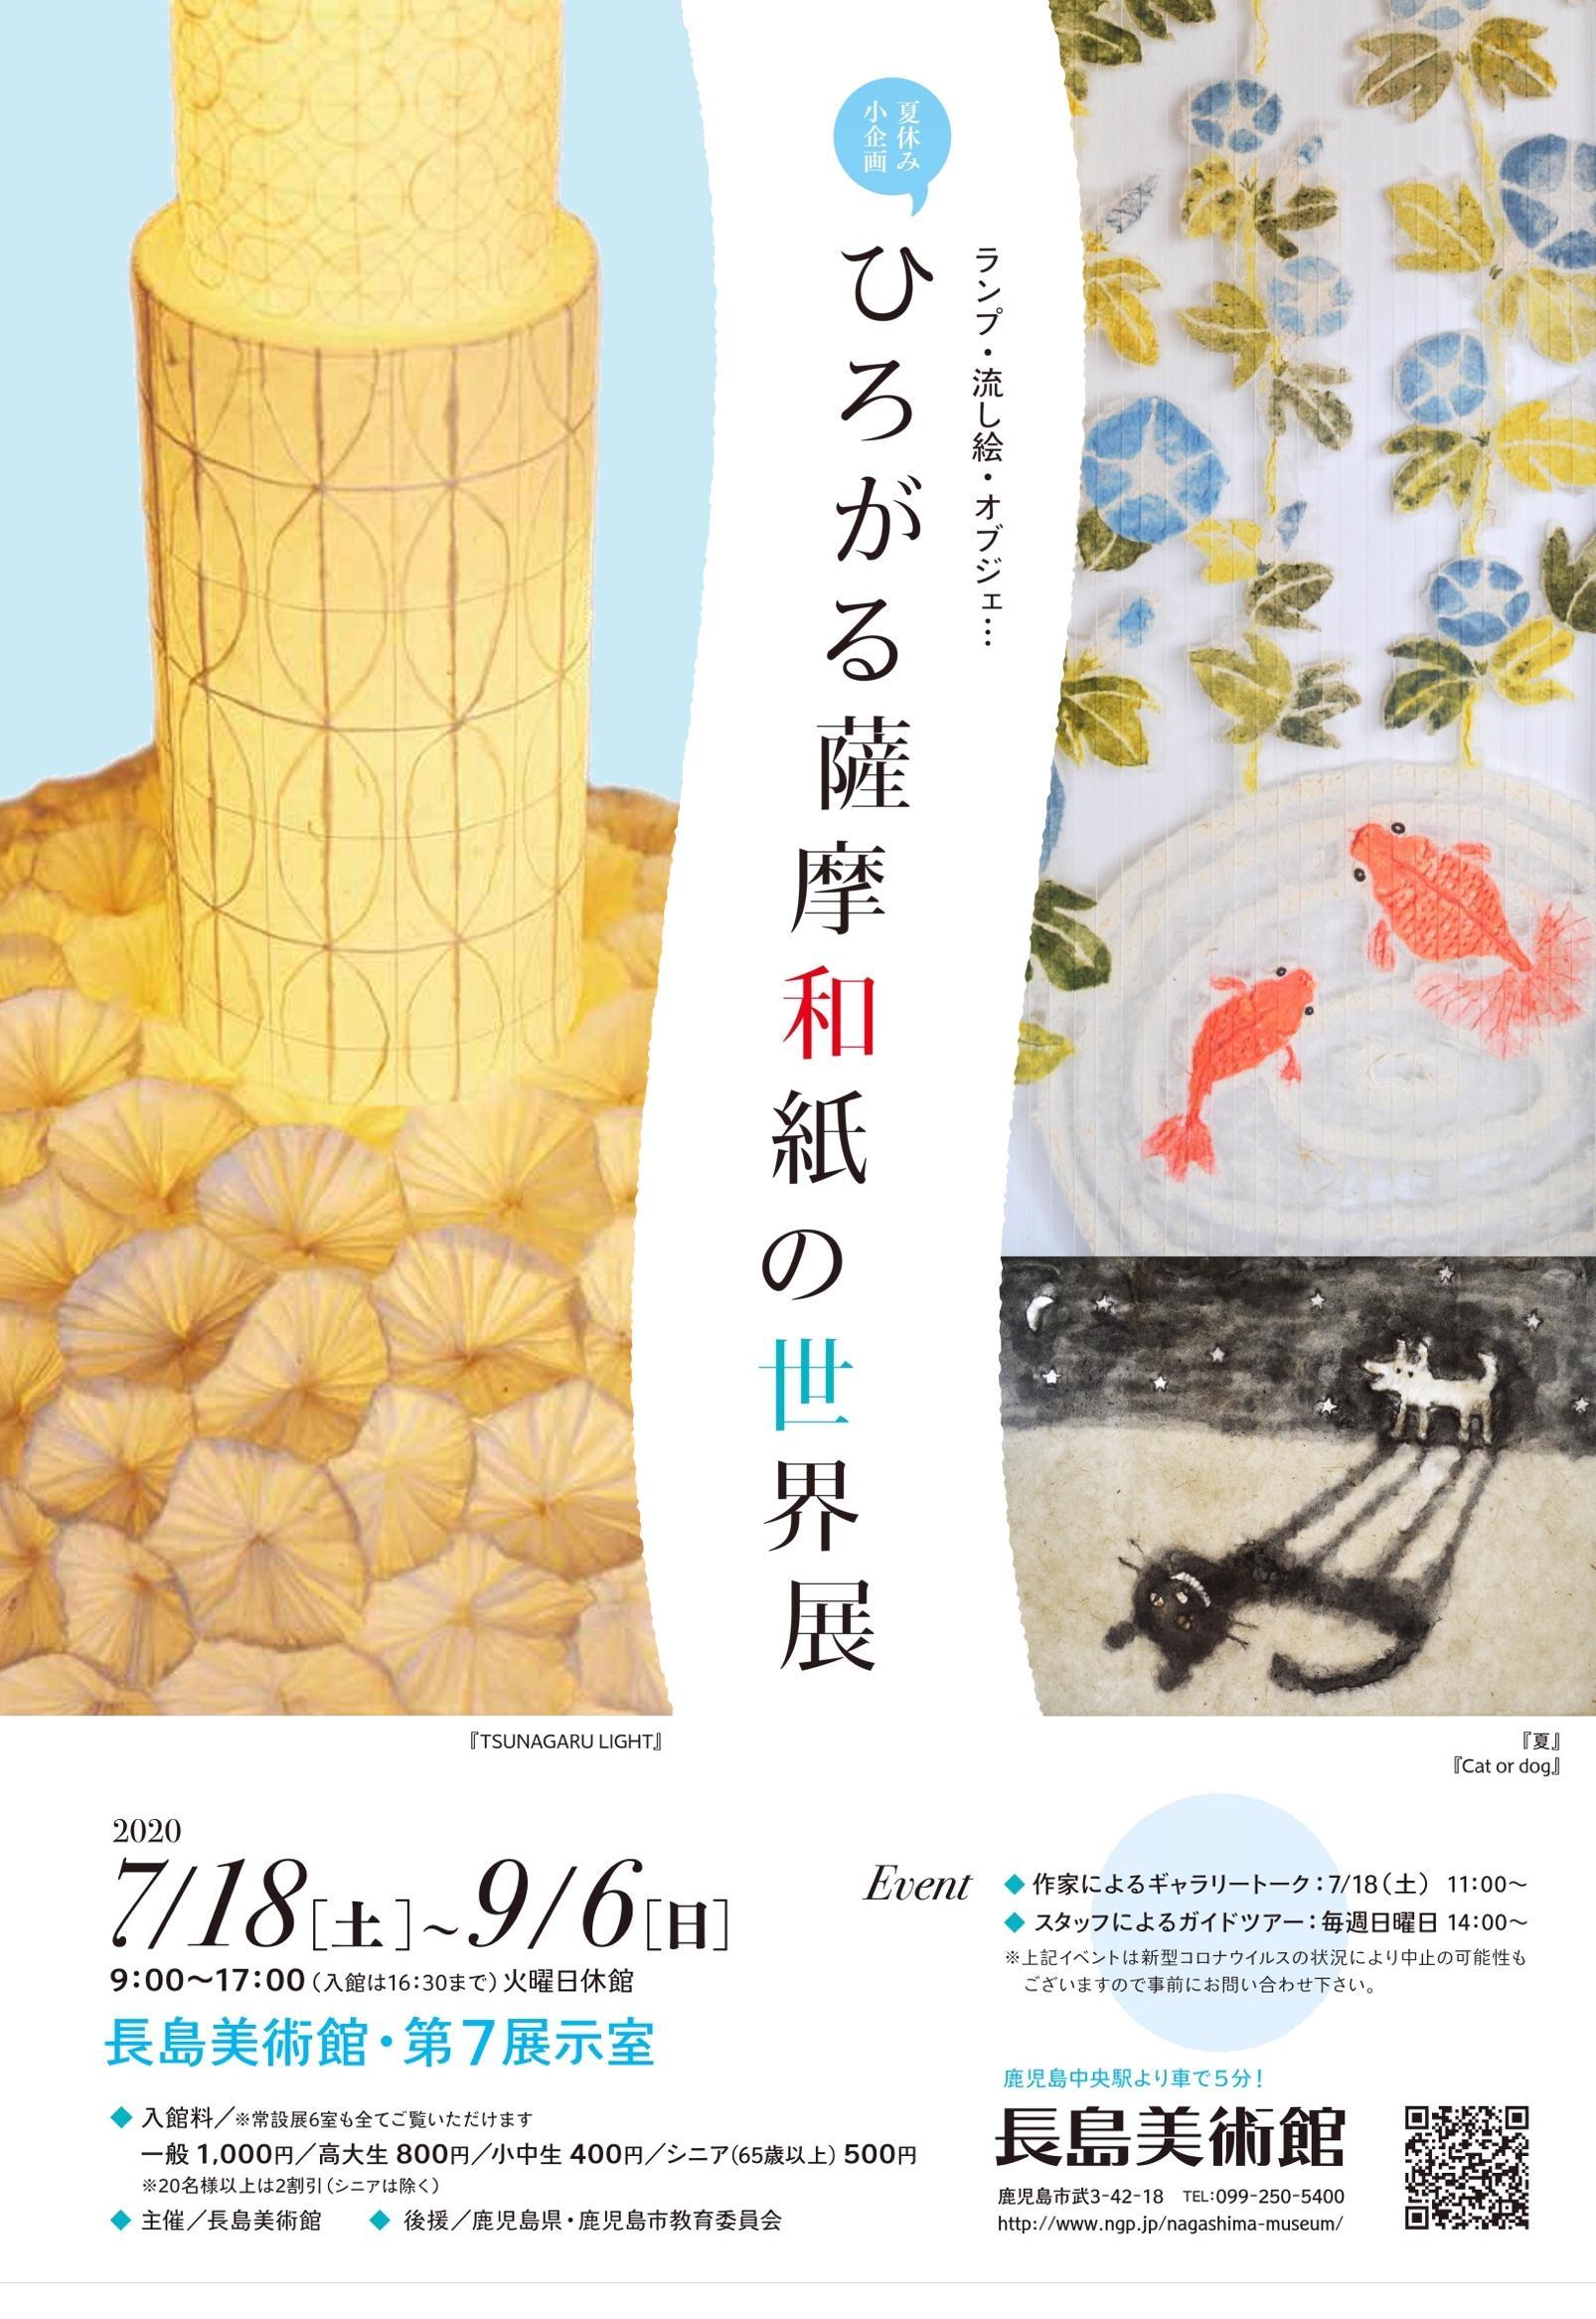 長島美術館 夏休み小企画「ひろがる薩摩和紙の世界展」■開催期間:2020年7月18日(土)~9月6日(日) イメージ画像